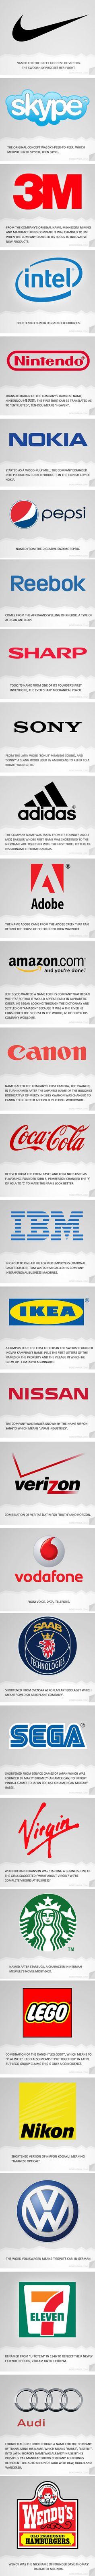 """Descripciones de logos de marcas famosas   """"Oooo wachú mín..."""""""